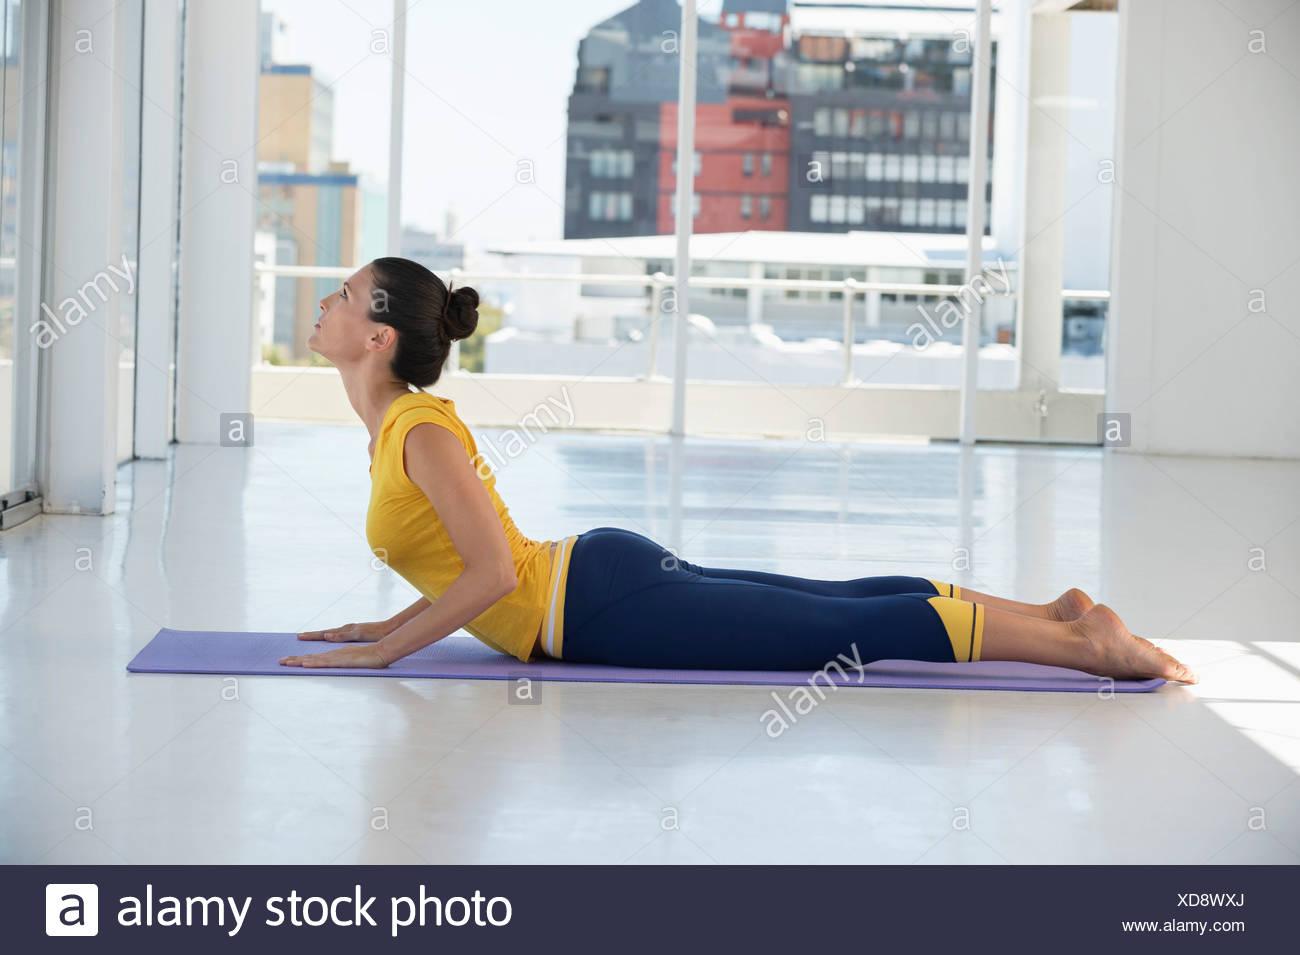 La mujer ejerce sobre la colchoneta de ejercicios en un gimnasio Imagen De Stock